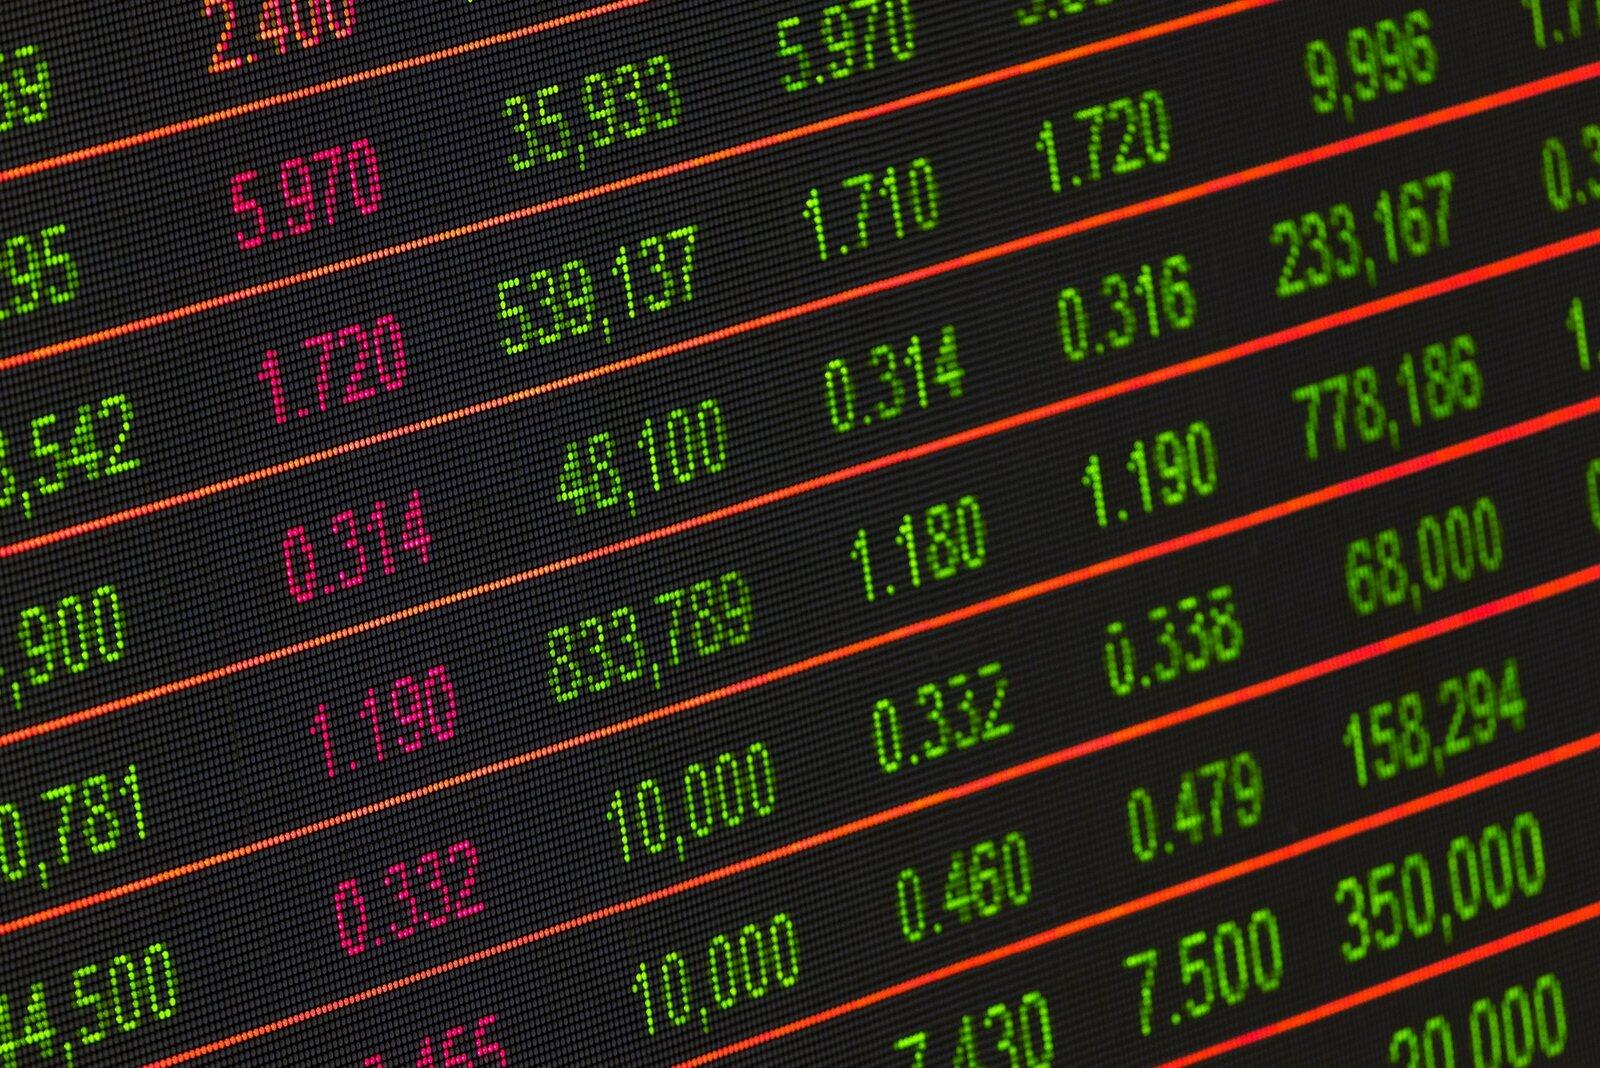 Mit Aktien Geld Verdienen Erfahrungen